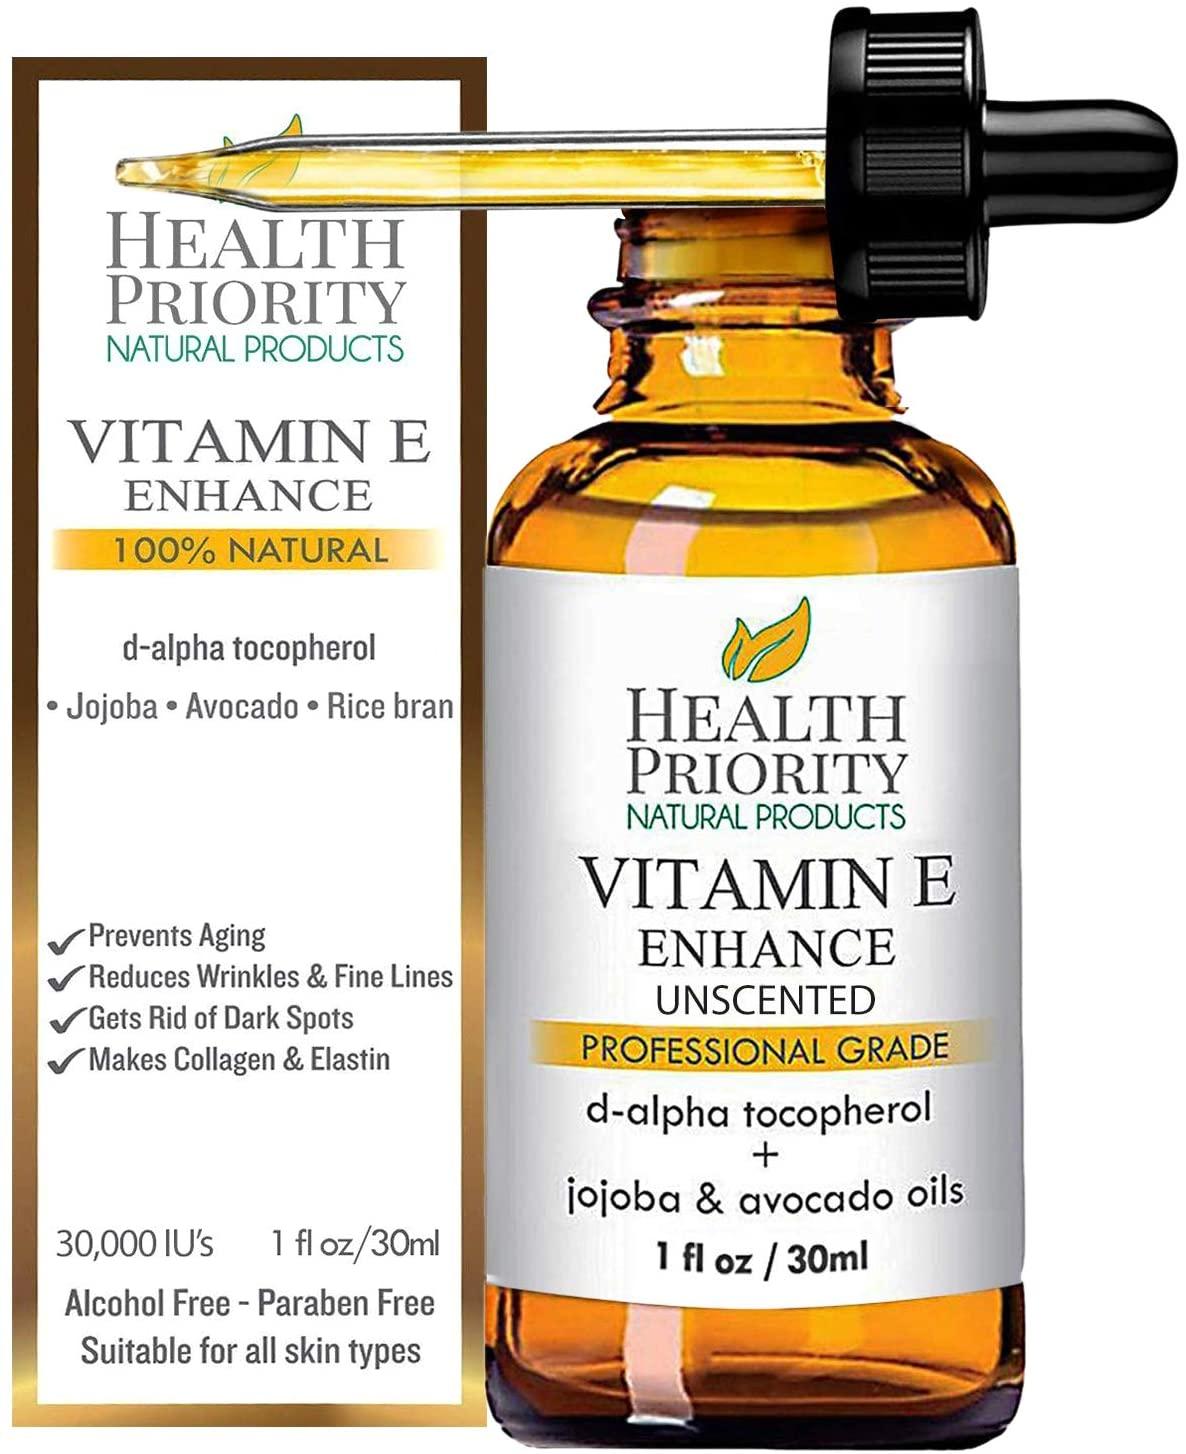 Olio alla Vitamina E Healty Priority Natural Products